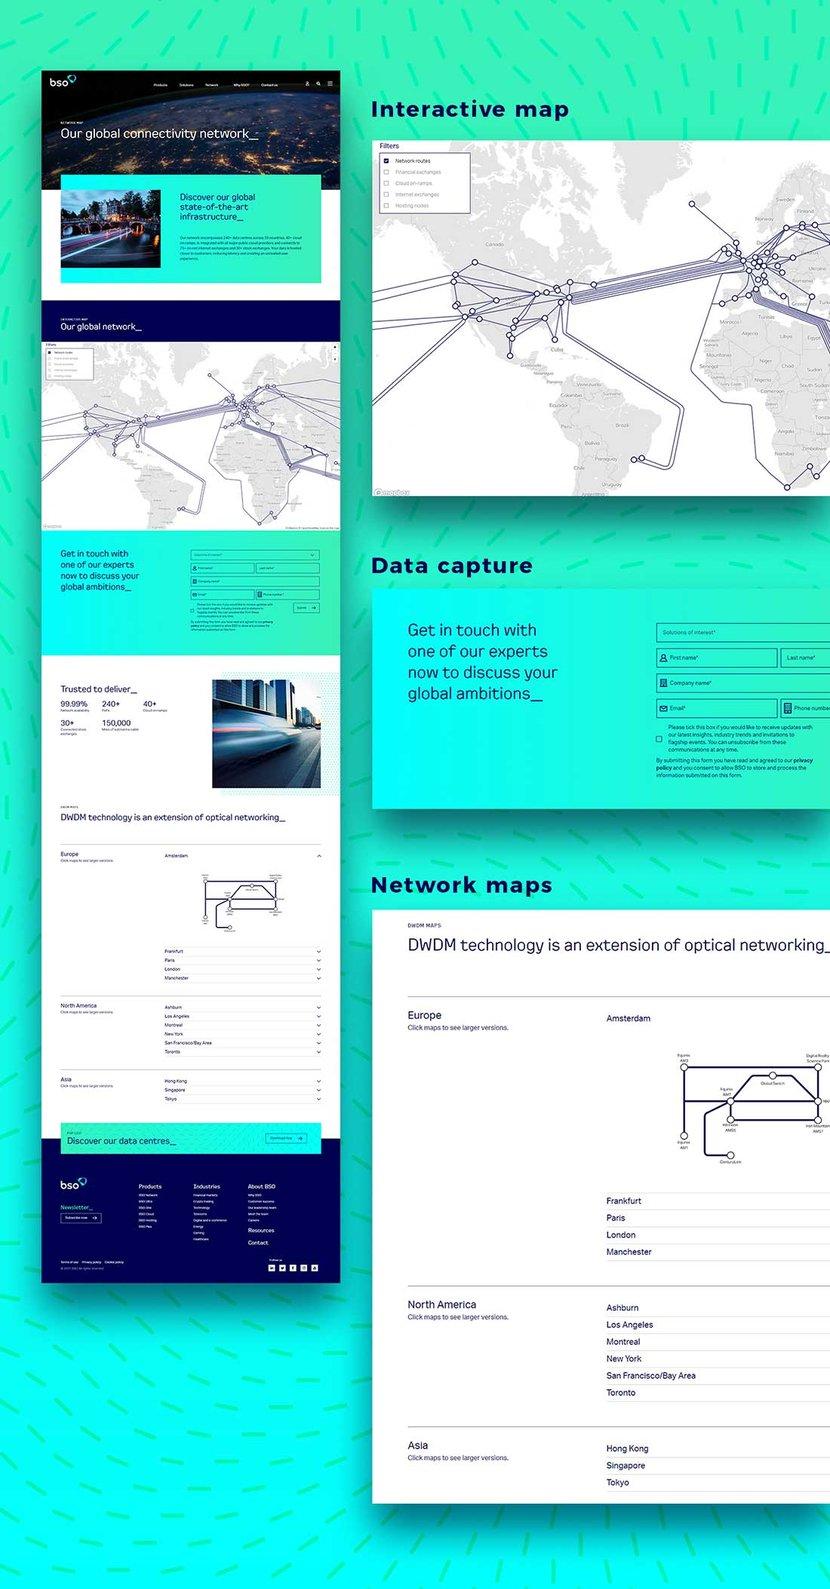 hubspot interactive map